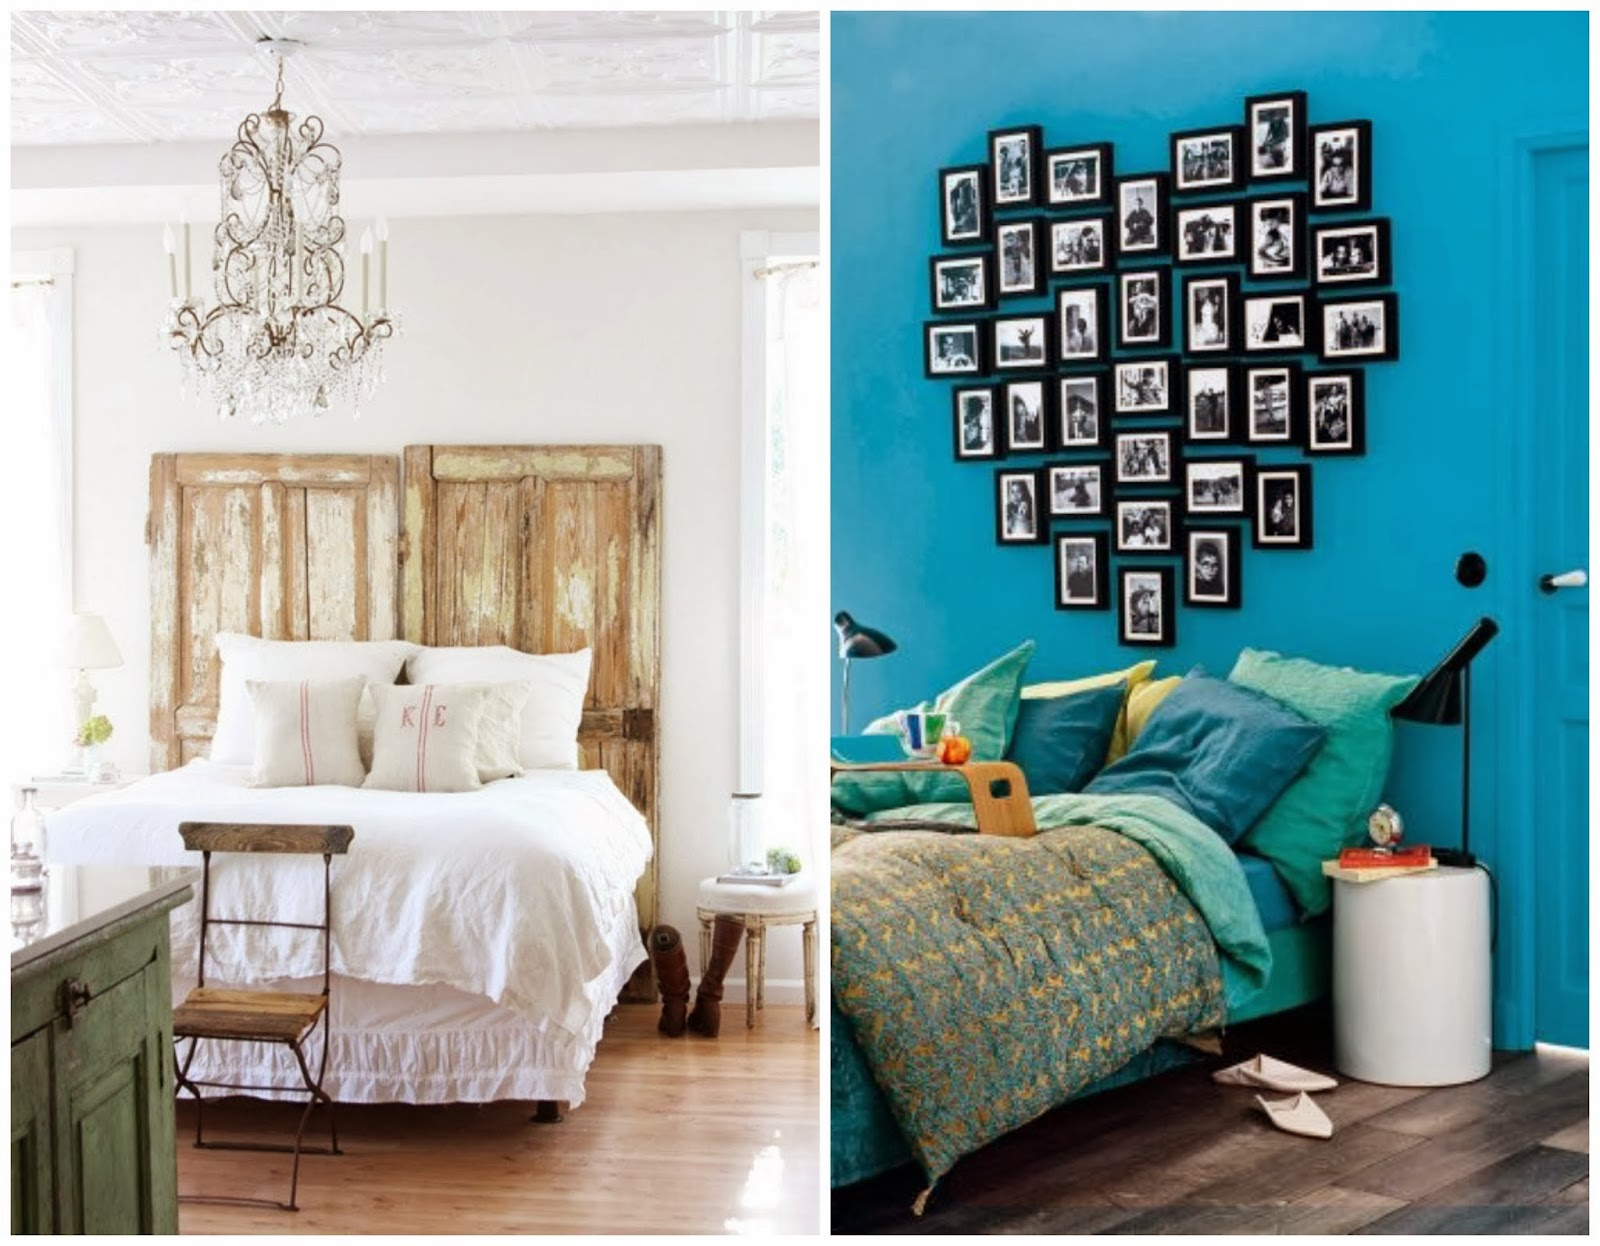 Cabeceros modernos originales cabecero cama bamb gris awesome cabeceros cama modernos online - Cabeceros modernos originales ...